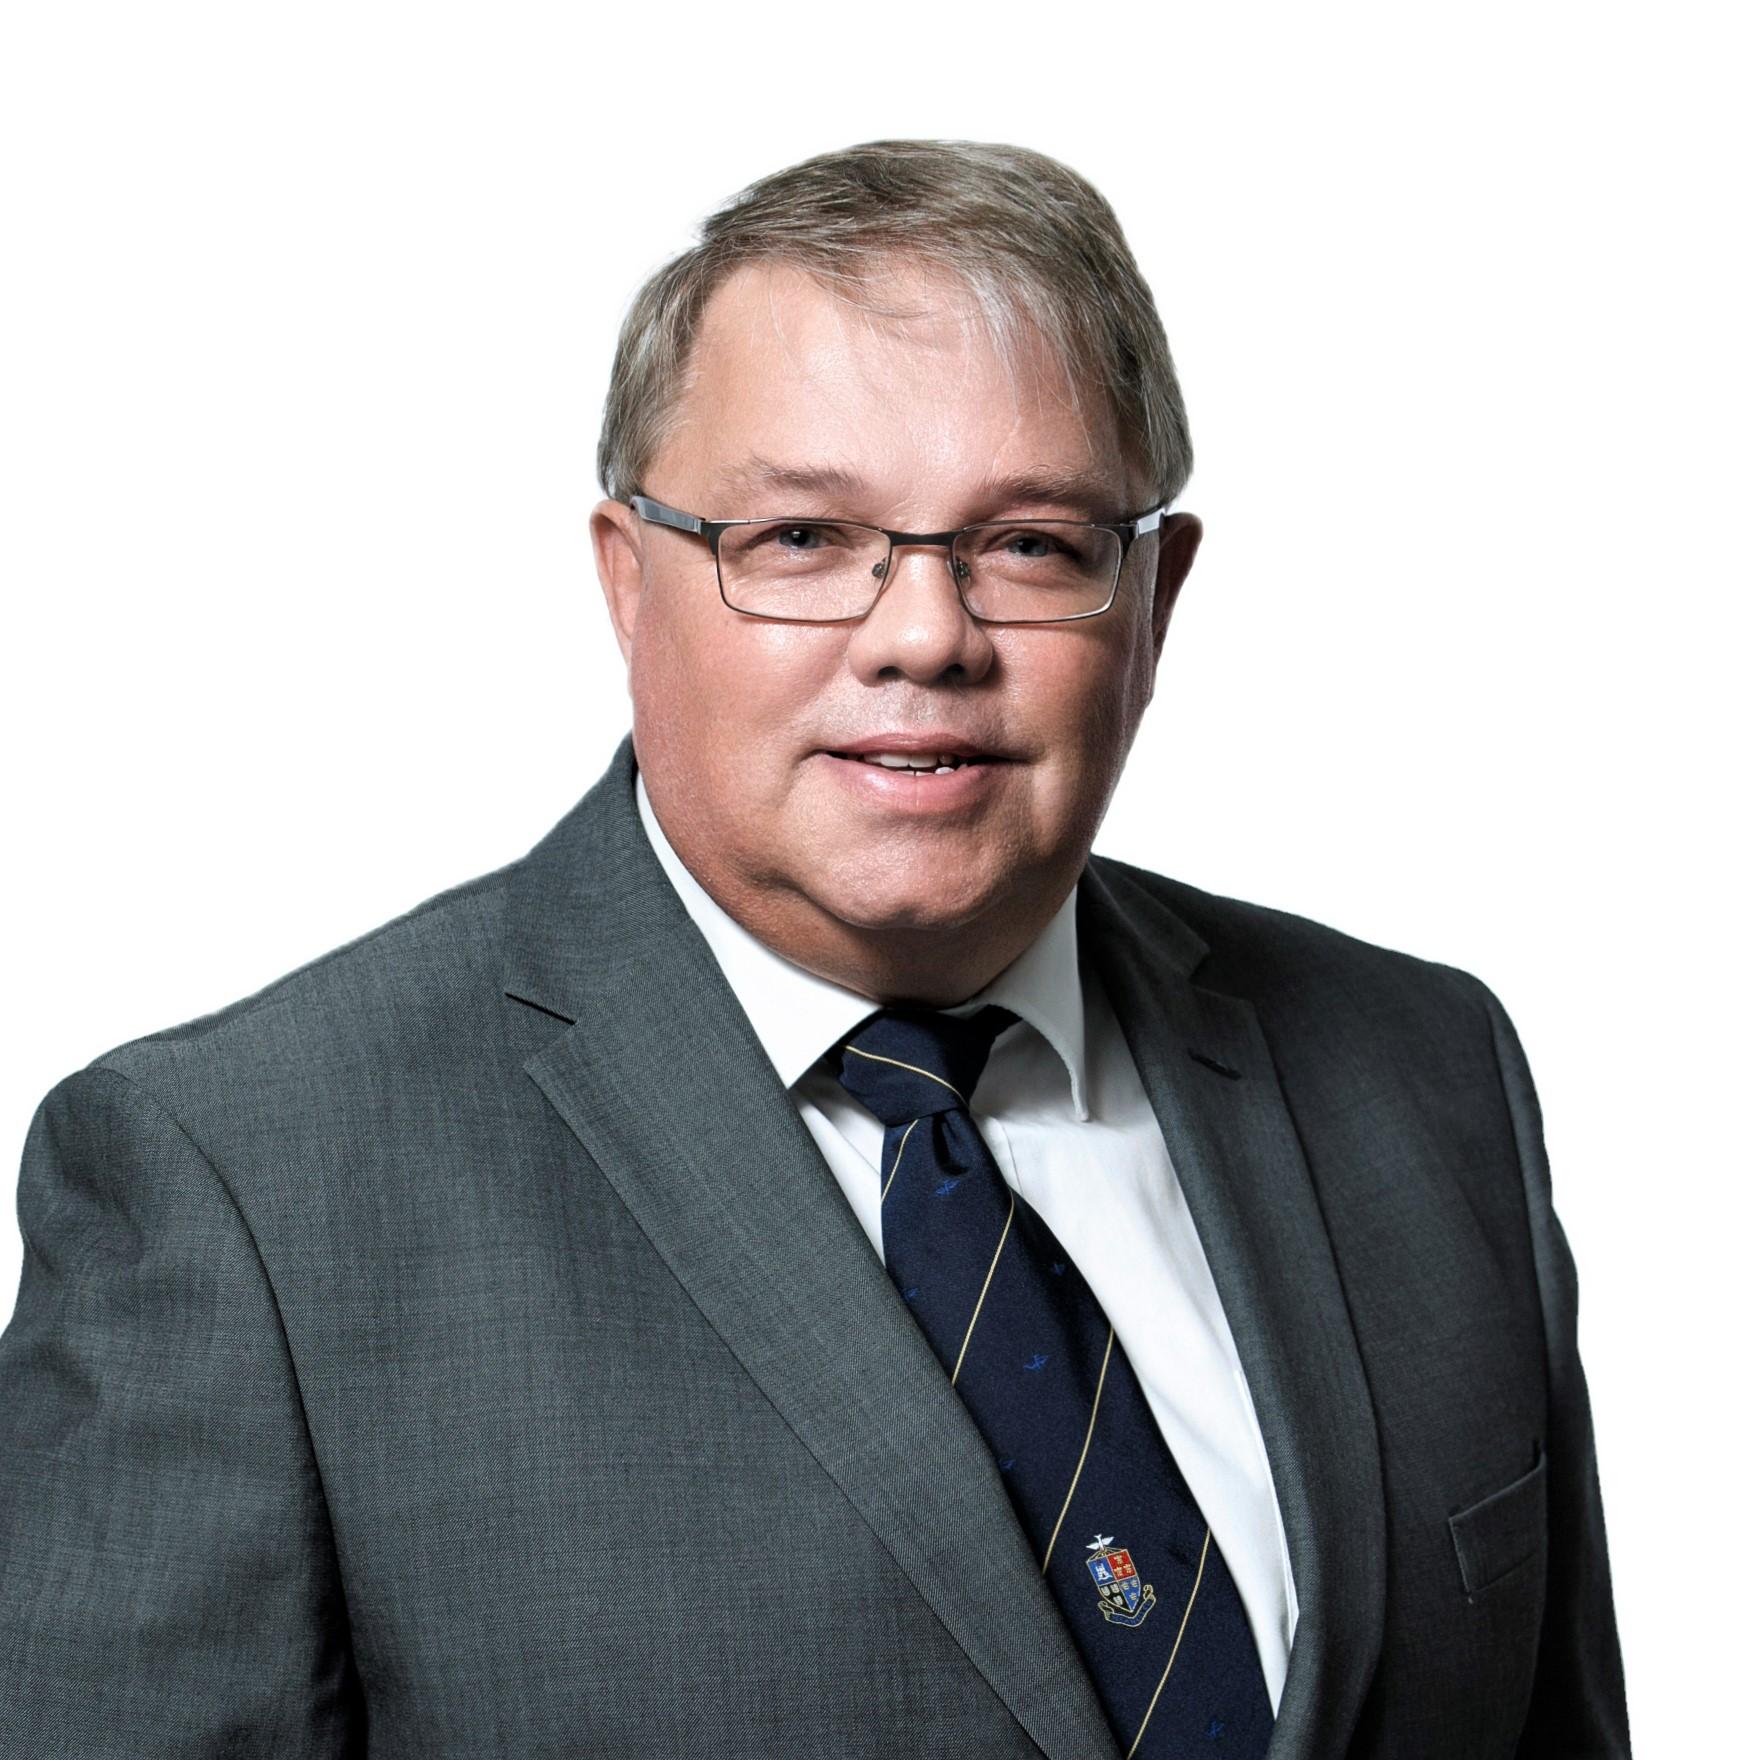 Brian Kavanagh